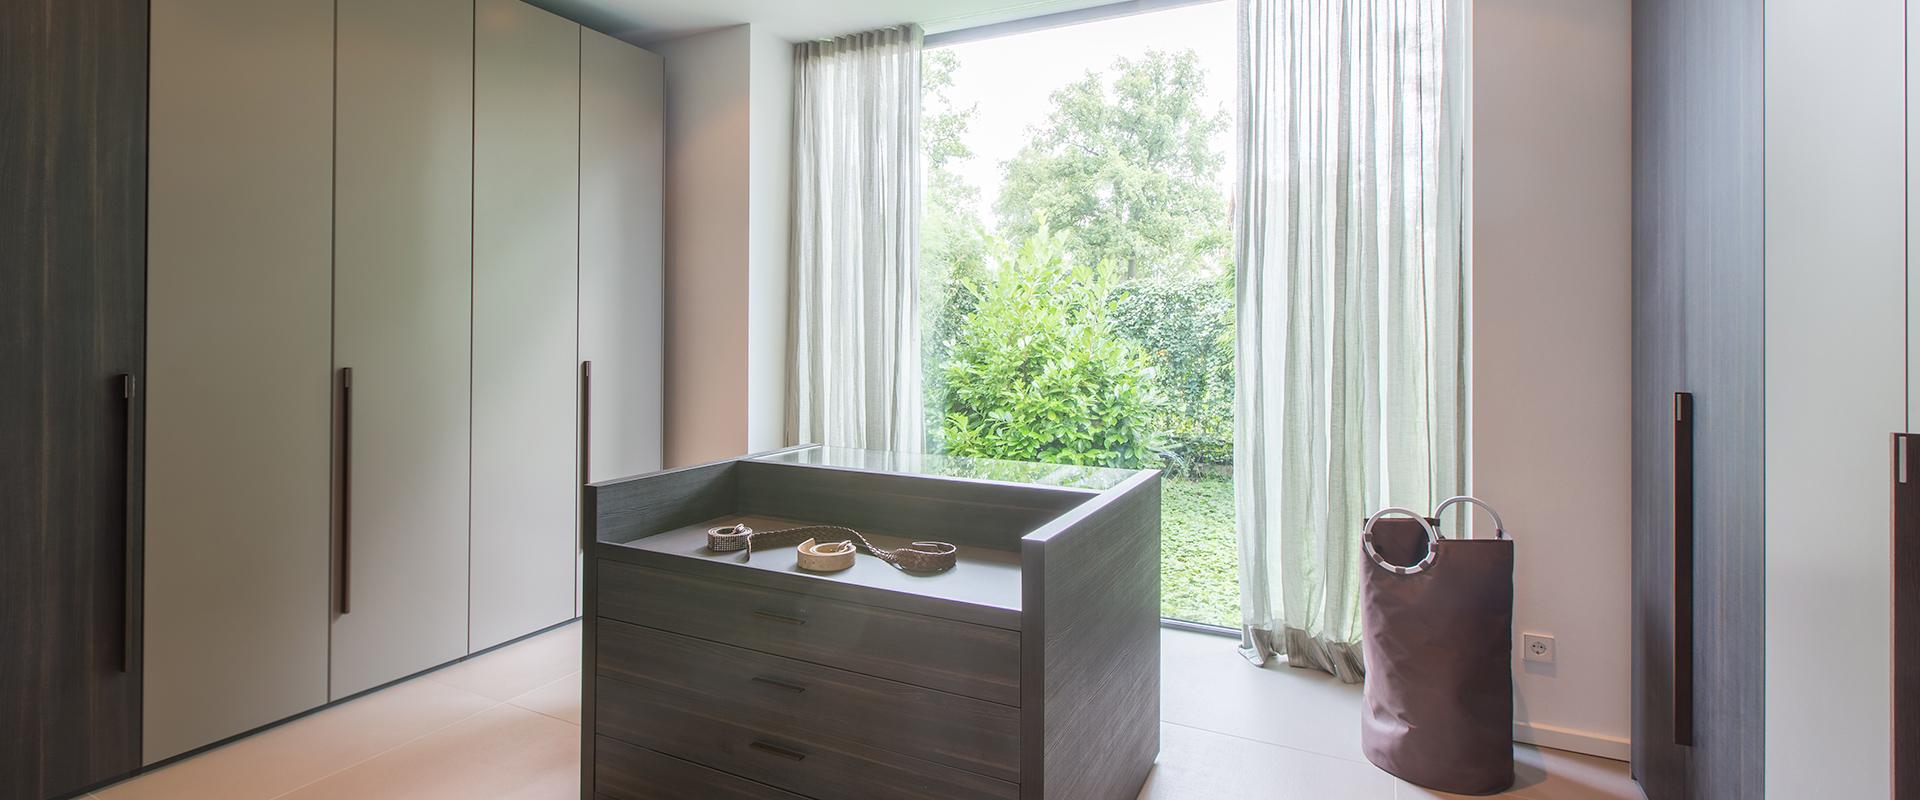 Hans G. Bock steht für hochwertige Inneneinrichtungen: Ankleidezimmer mit Schranksystemen.